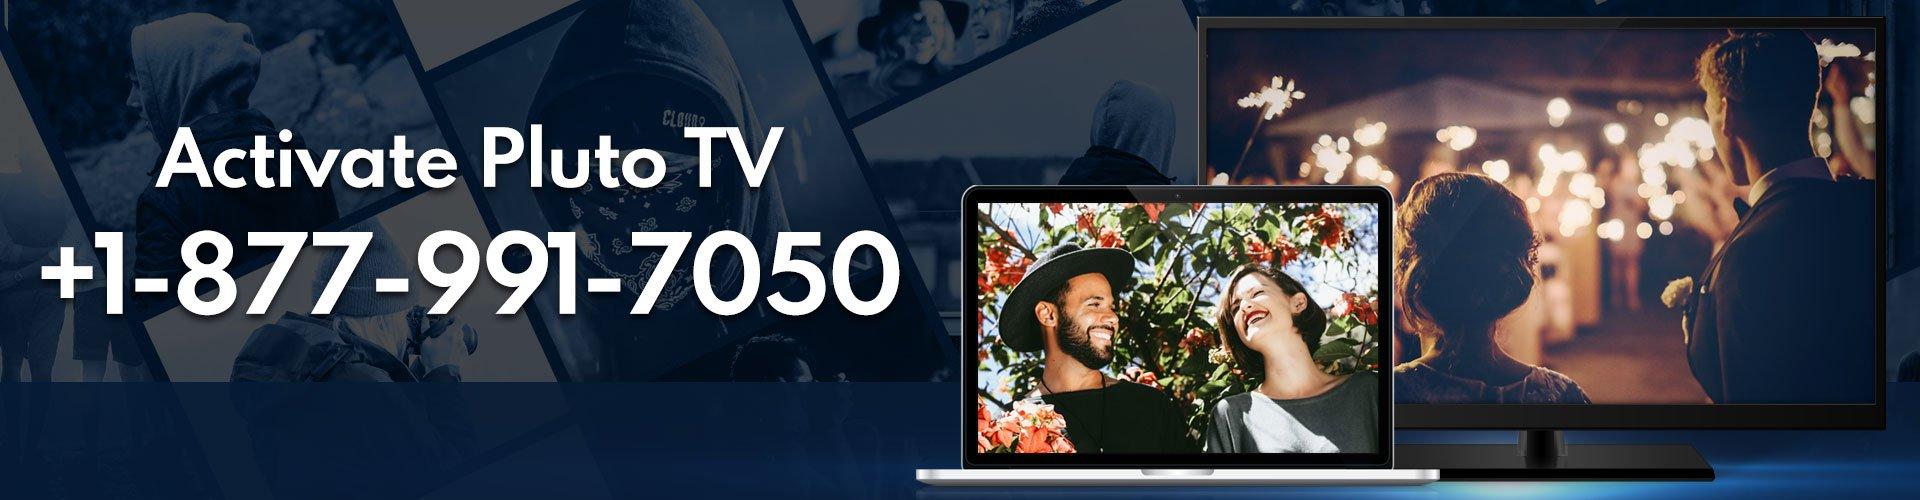 pluto.tv/activate